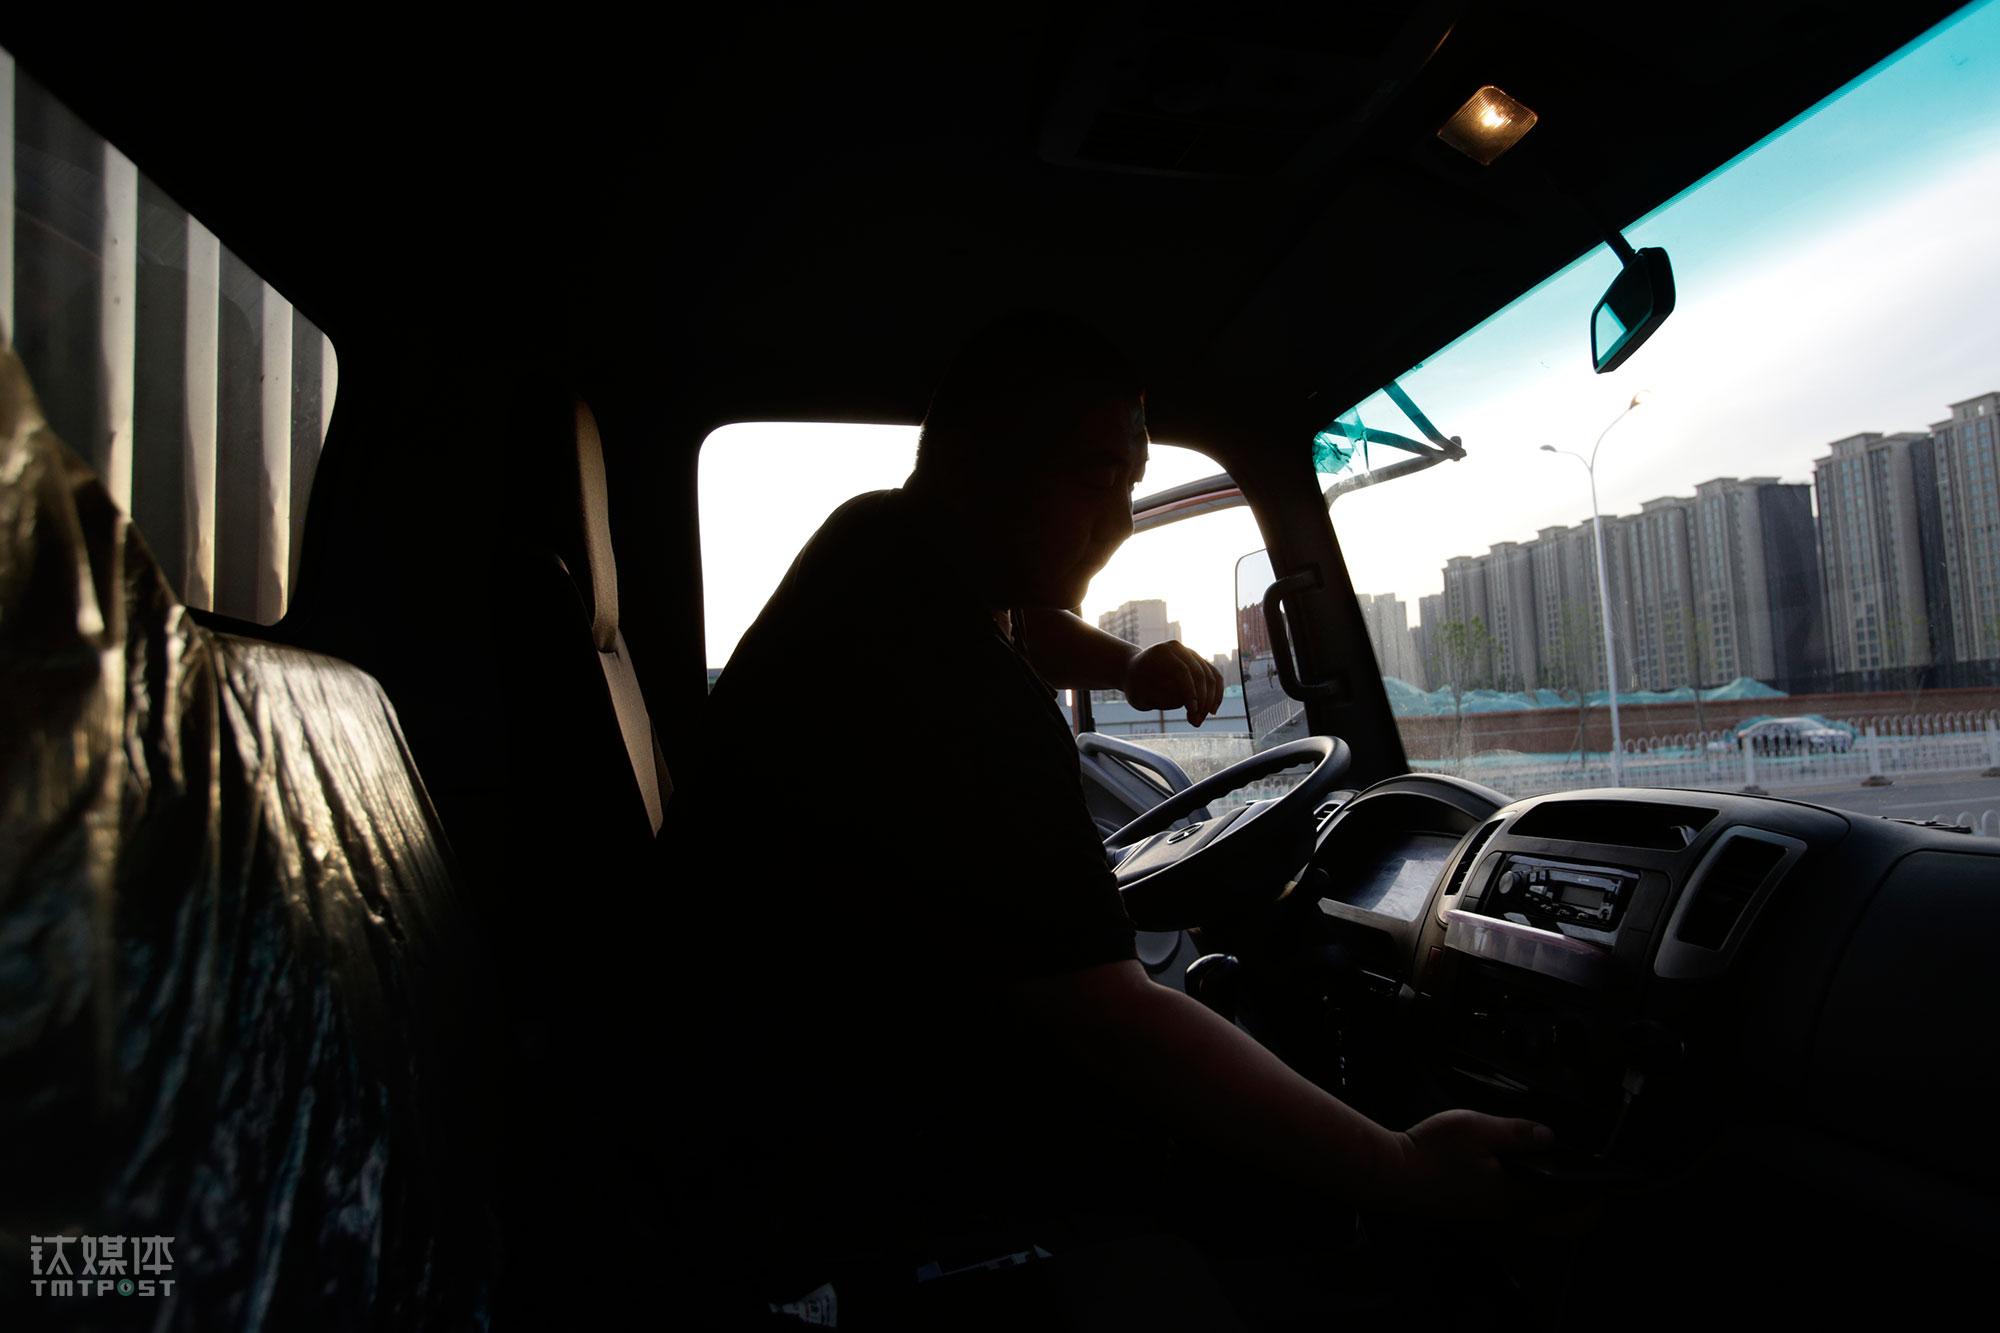 """大强接触社会很早,相比不会开货车的工友,他多一项驾驶技能,也就有机会上两个班,多挣一份工钱。""""我还挺喜欢加班的,我们正常每天一个班一个月四千包吃住,能加班就多挣点,但是加班机会也不多,最近是人手缺了。""""大强的正班是下午4点到晚上12点的厢货车,上午开三轮是加班。"""